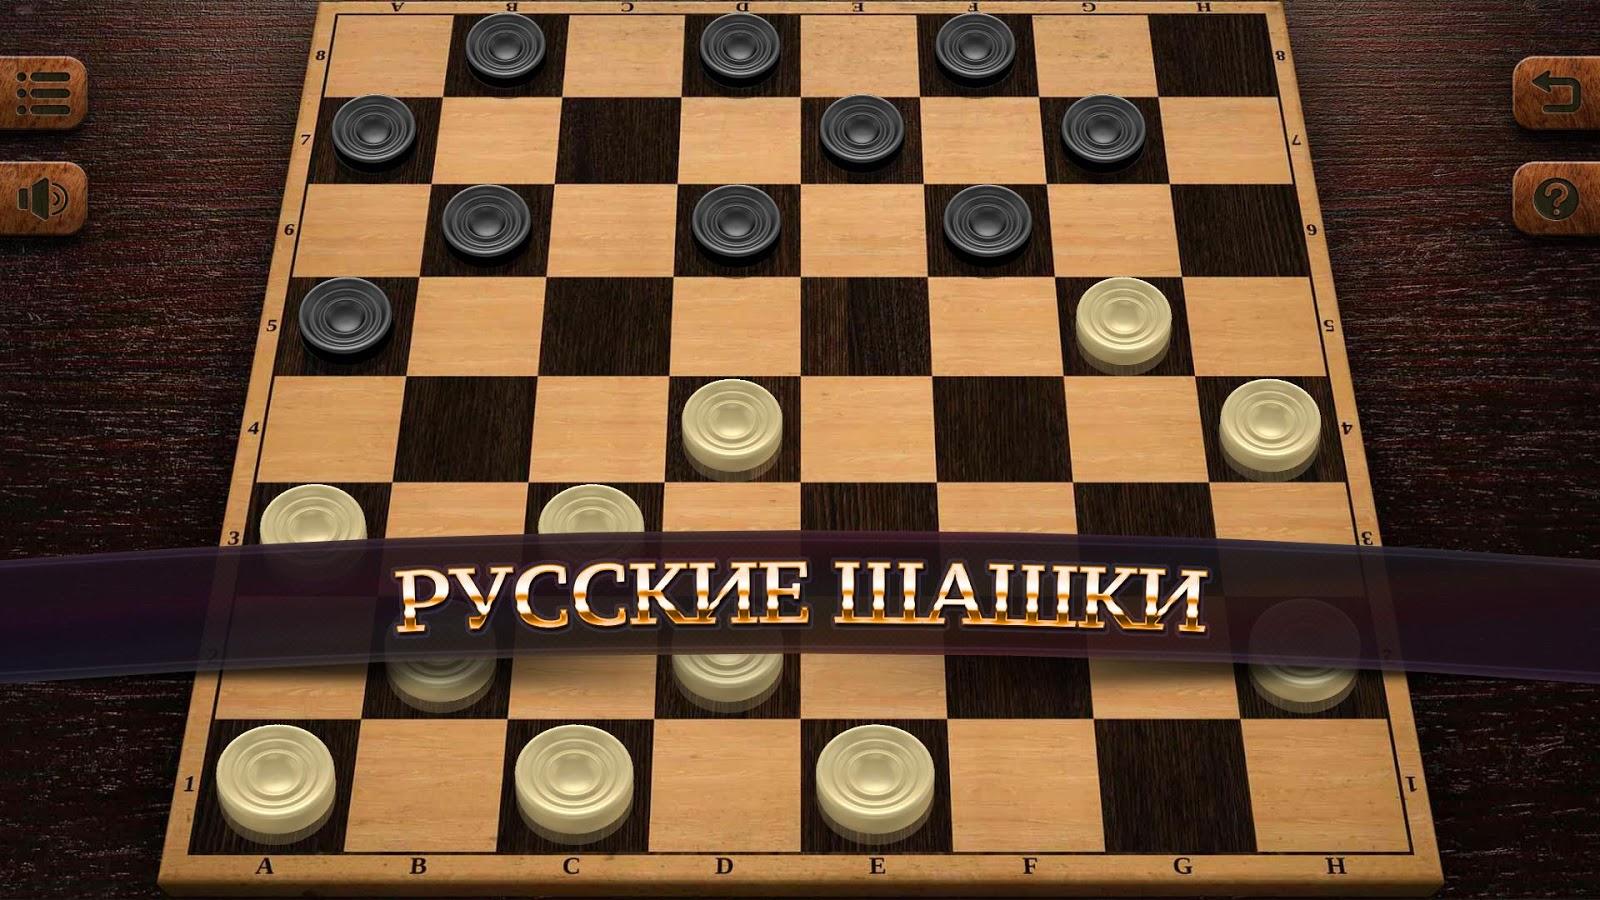 шашки фото игры